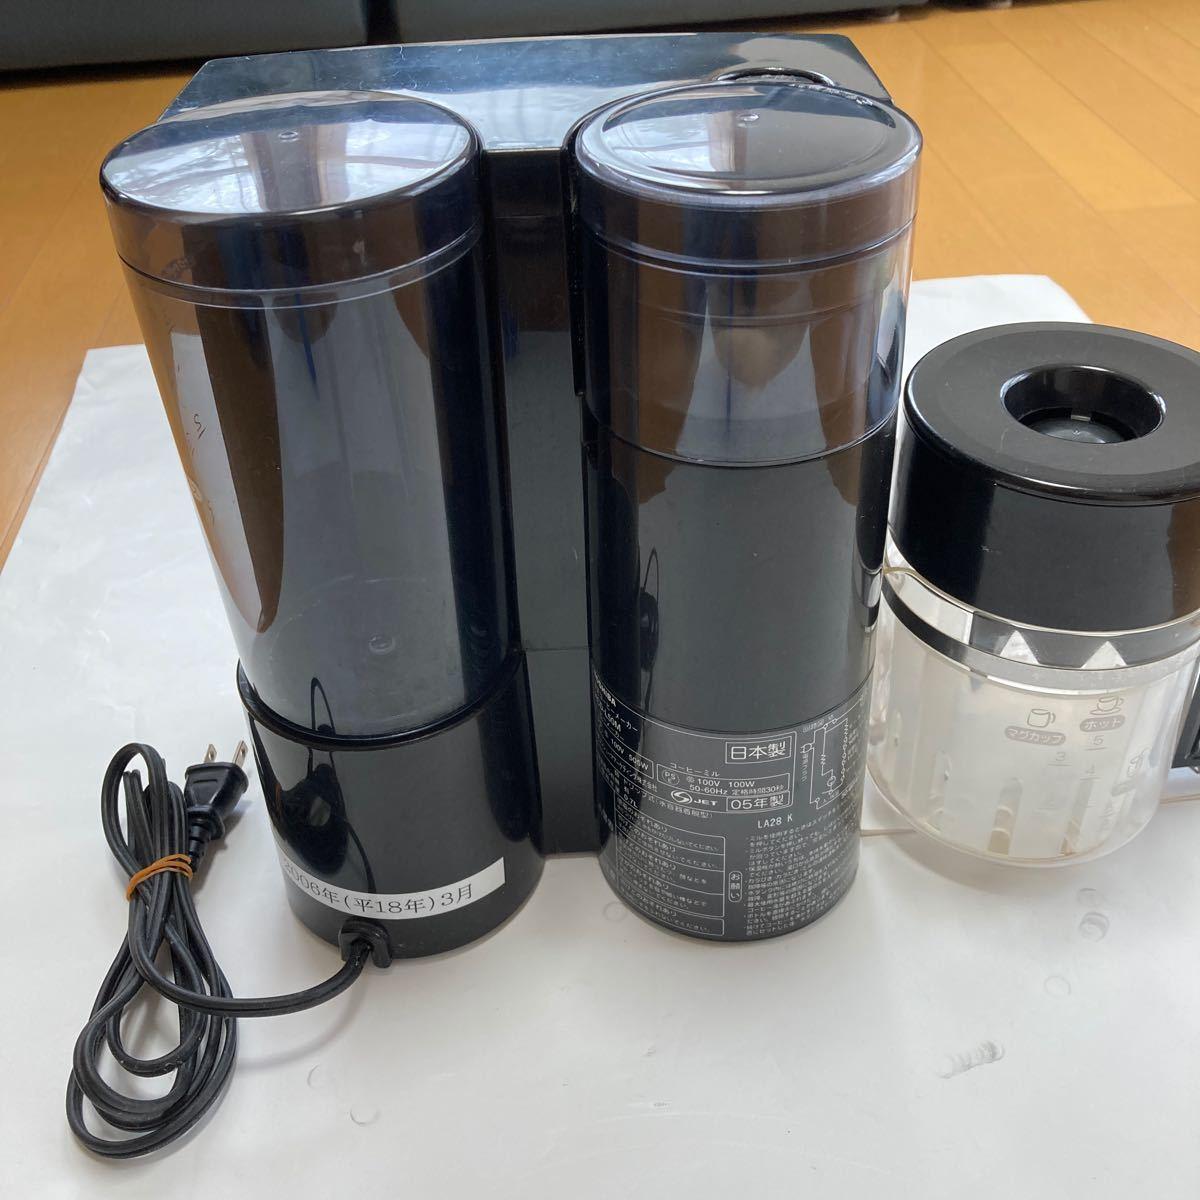 東芝 コーヒーメーカー ミル付 5カップ用ブランド 東芝(TOSHIBA)色 ブラックメーカー型番: HCD-L50M(K) 中古